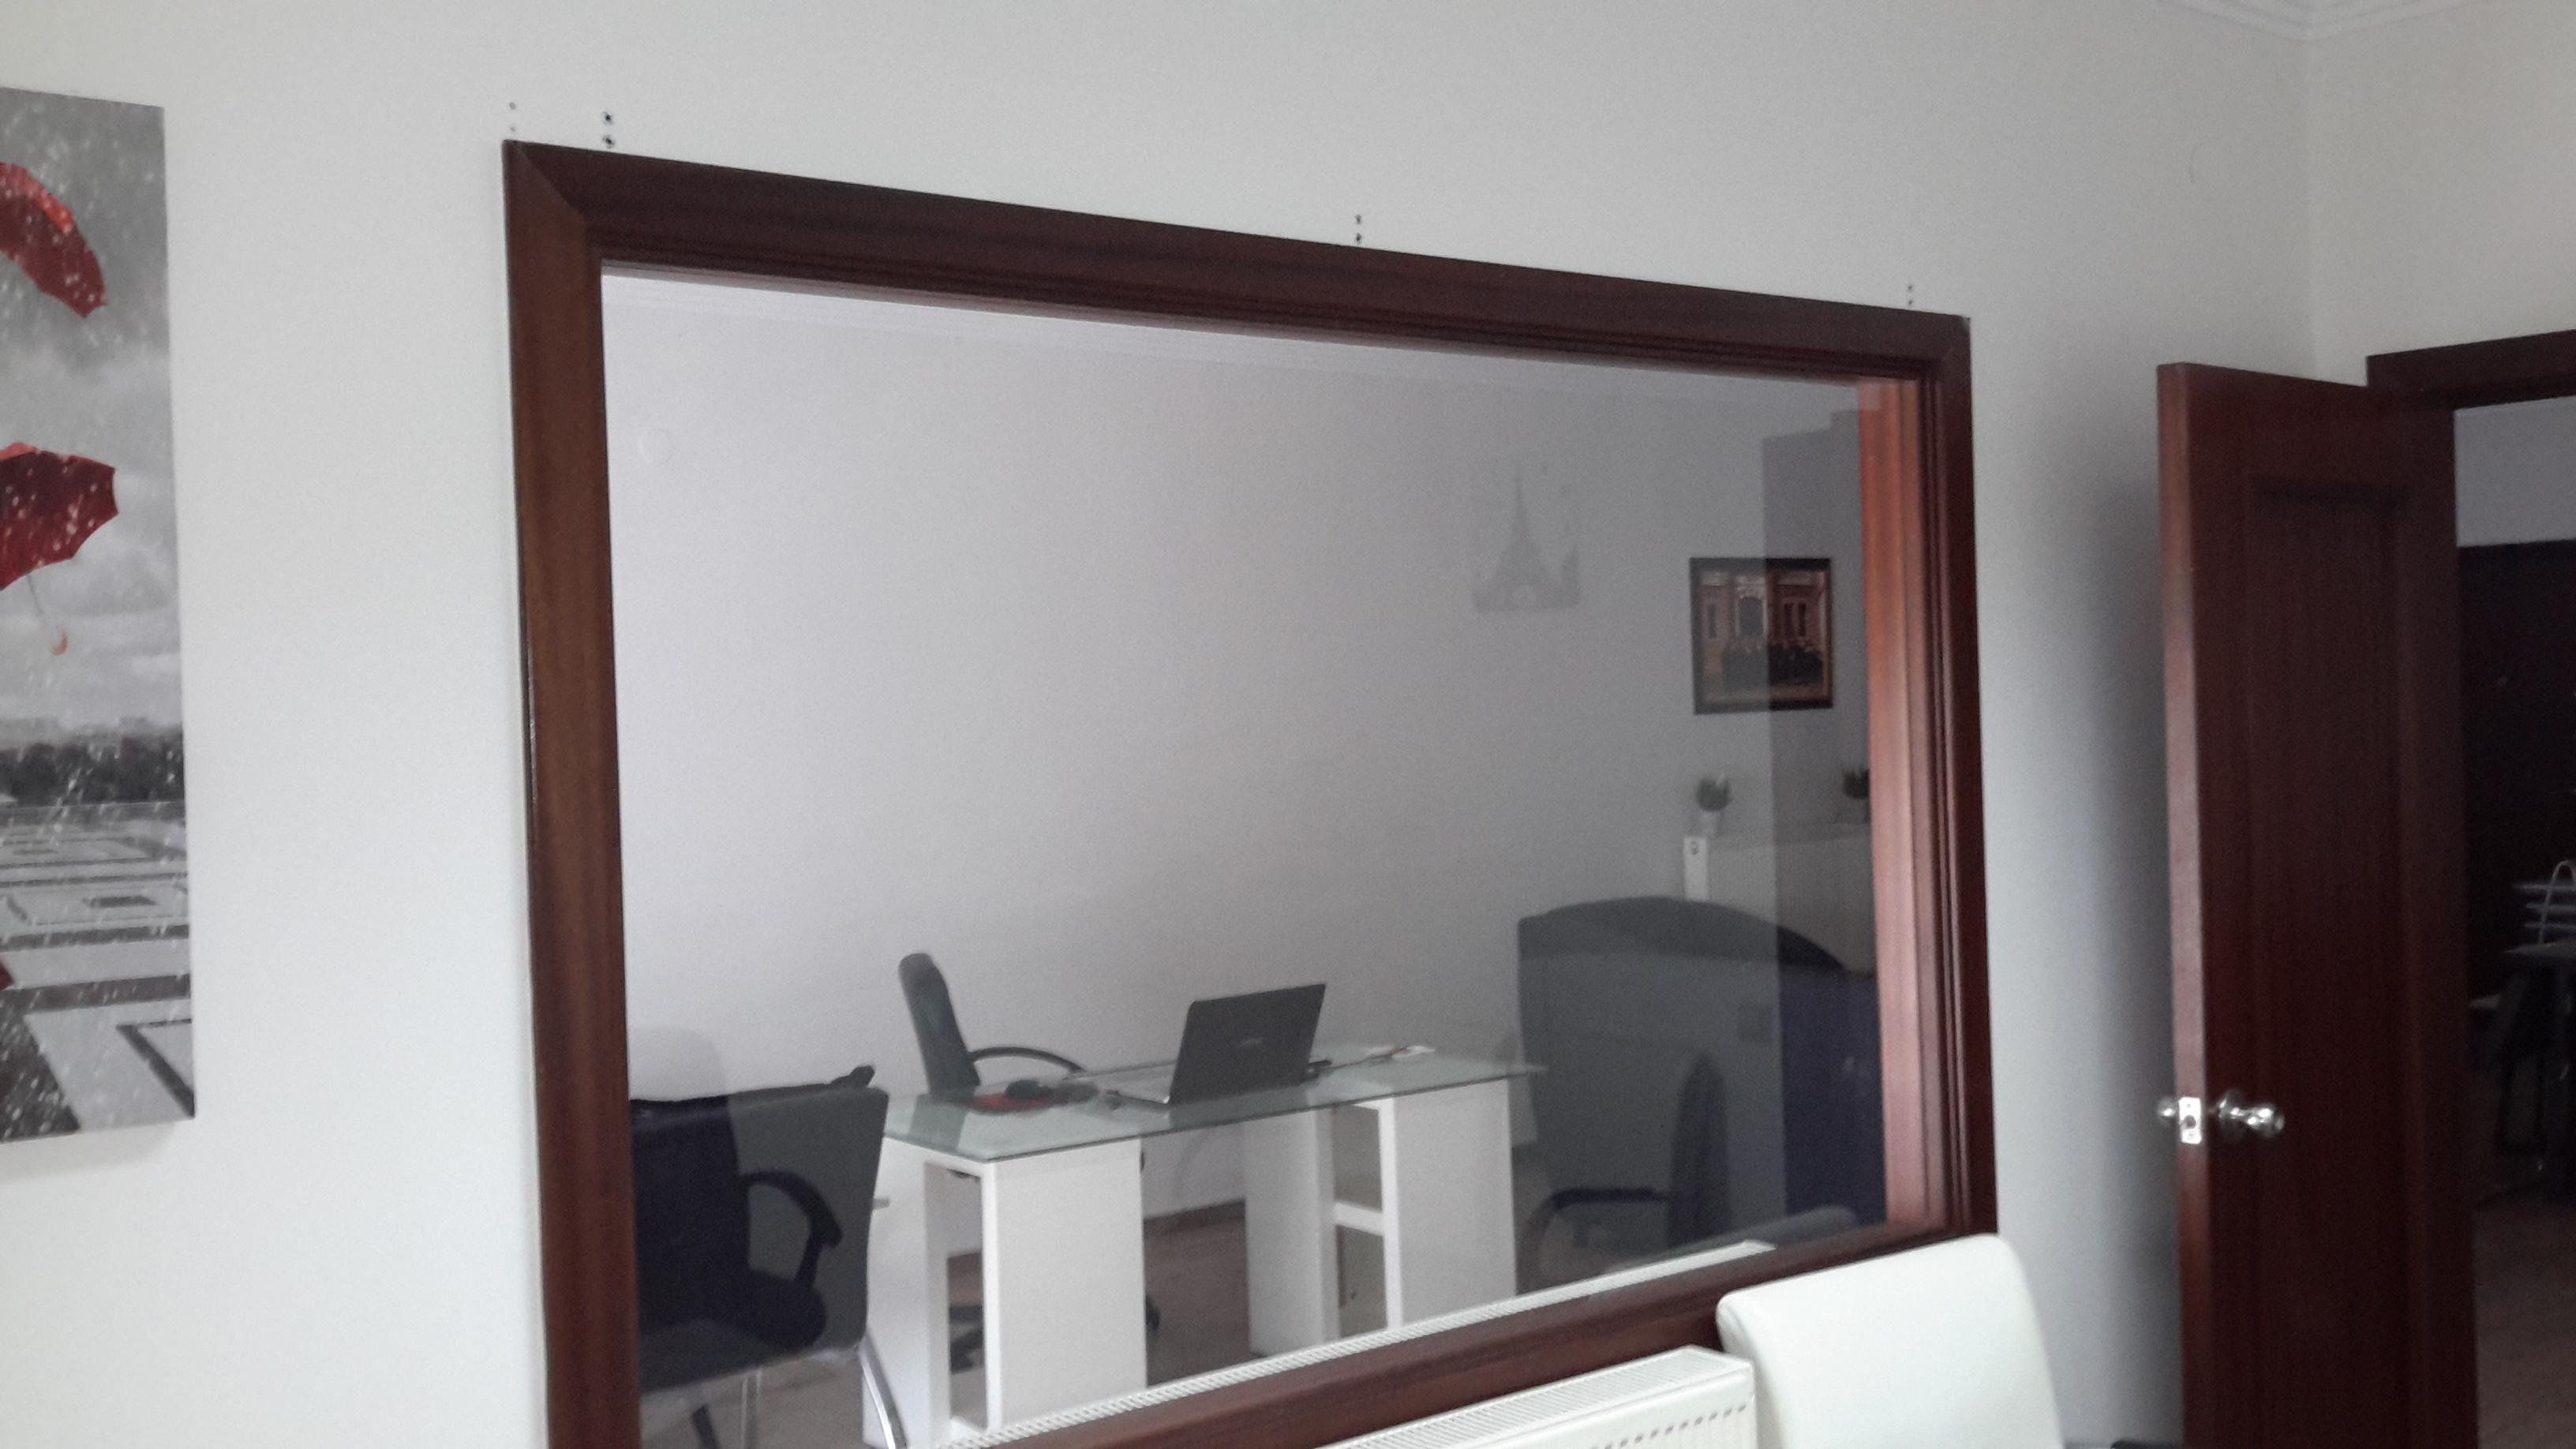 Ankara 'da Uygun Kiralık Ofis Seçenekleri